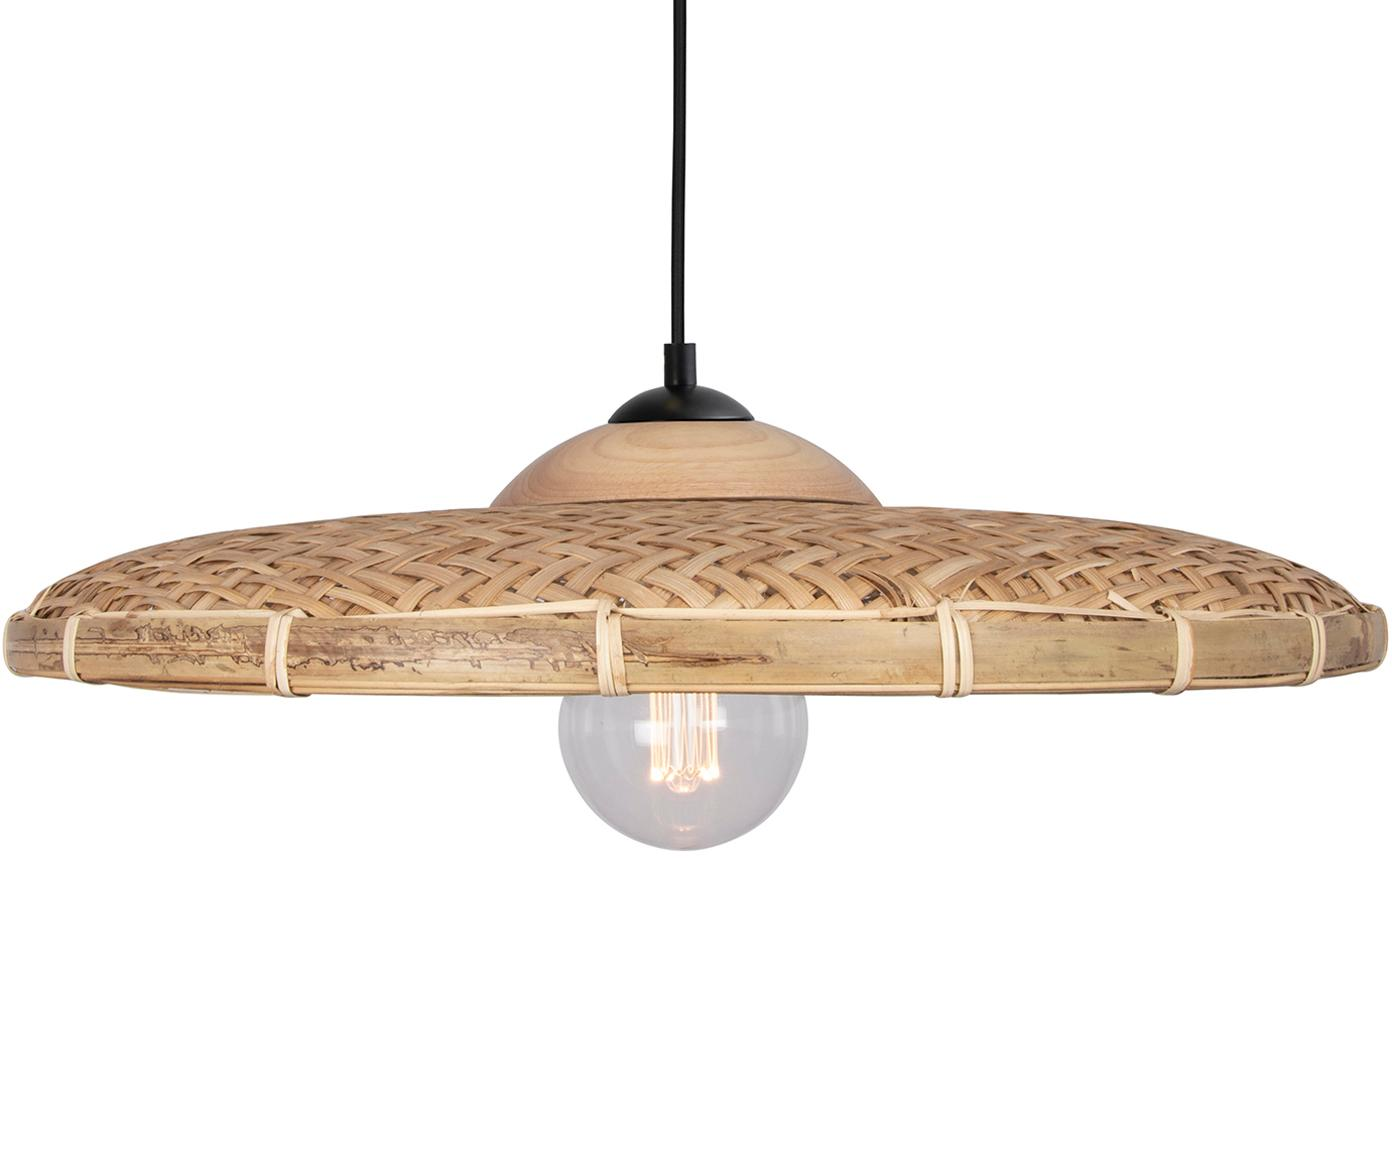 Lámpara de techo Aruba, Pantalla: ratán, Anclaje: metal recubierto, Cable: cubierto en tela, Ratán, Ø 50 x Al 15 cm